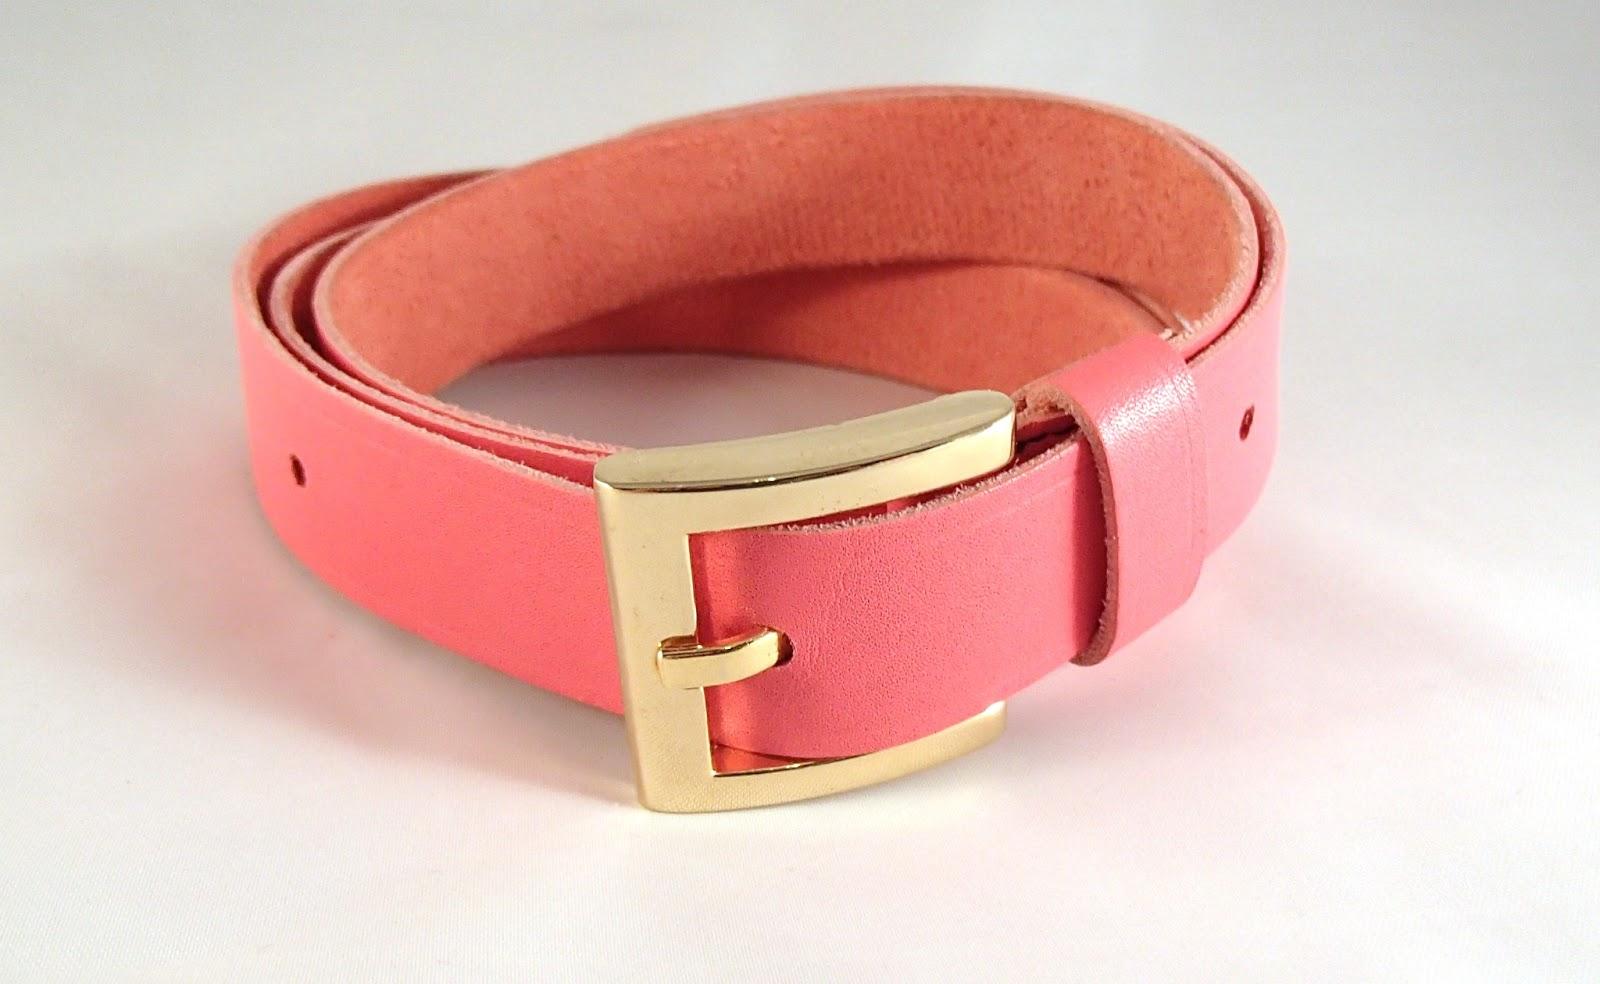 Vue de la ceinture en cuir rose